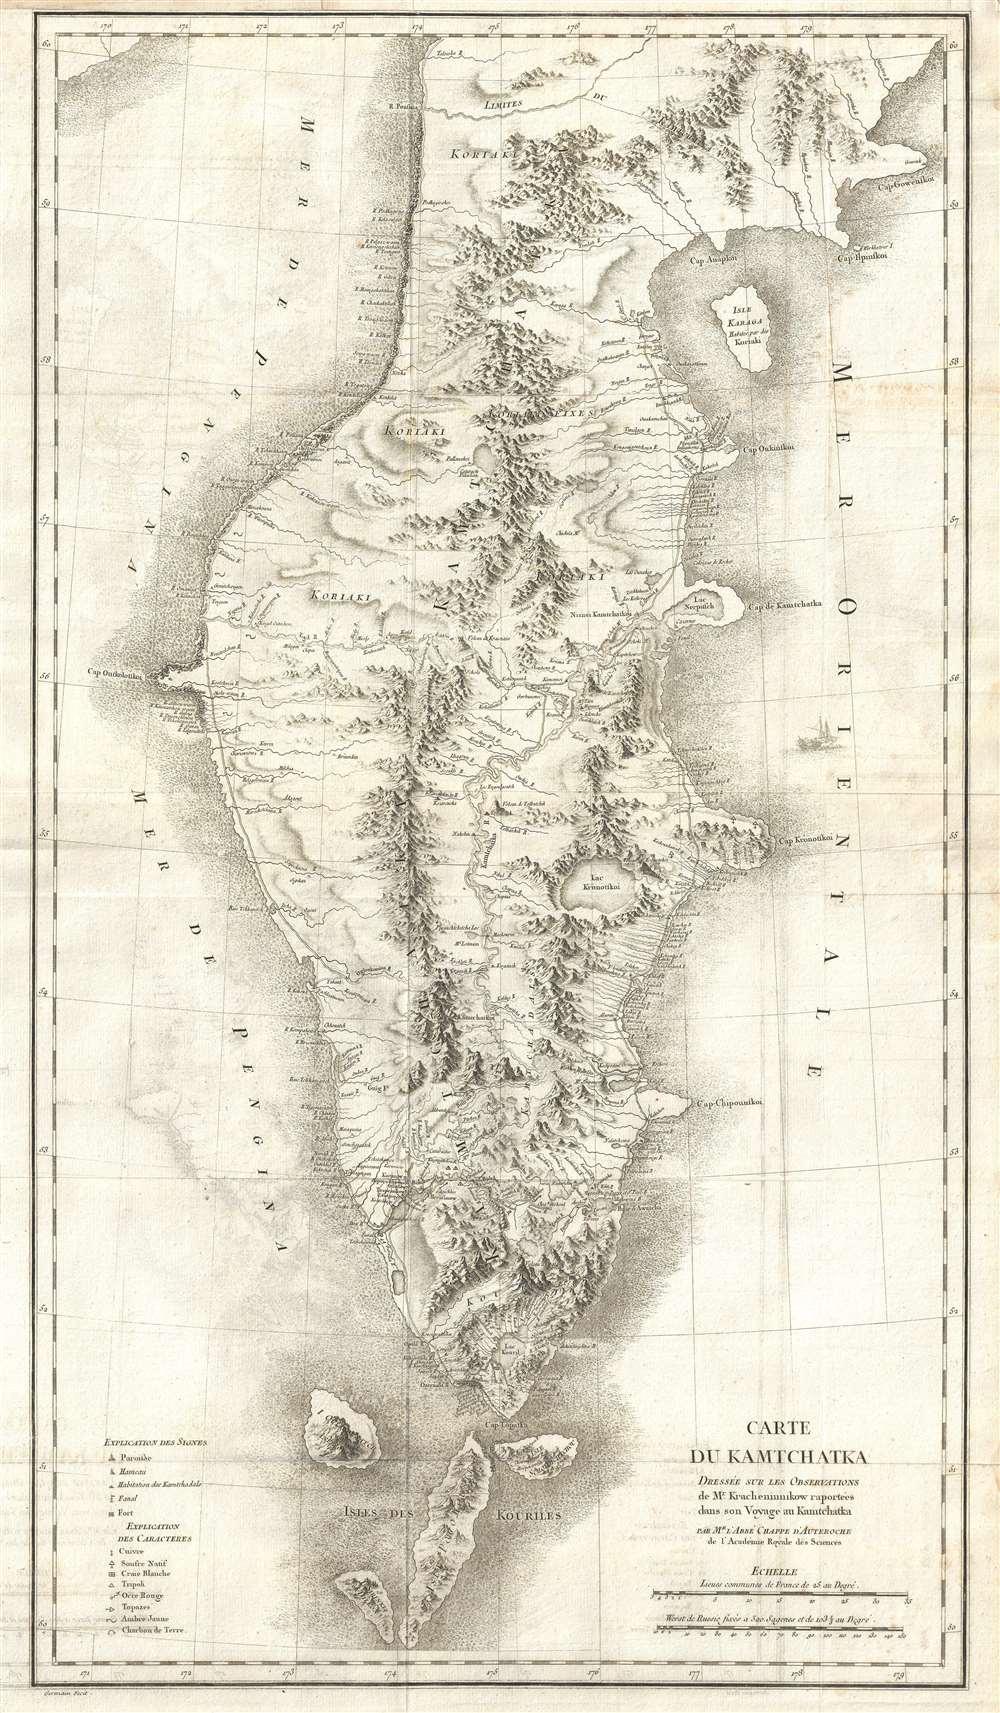 Carte du Kamtchatka Dressee sur Les Observations de Mr. Kacheninnikow raportees dans son Voyage au Kamtchatka. - Main View